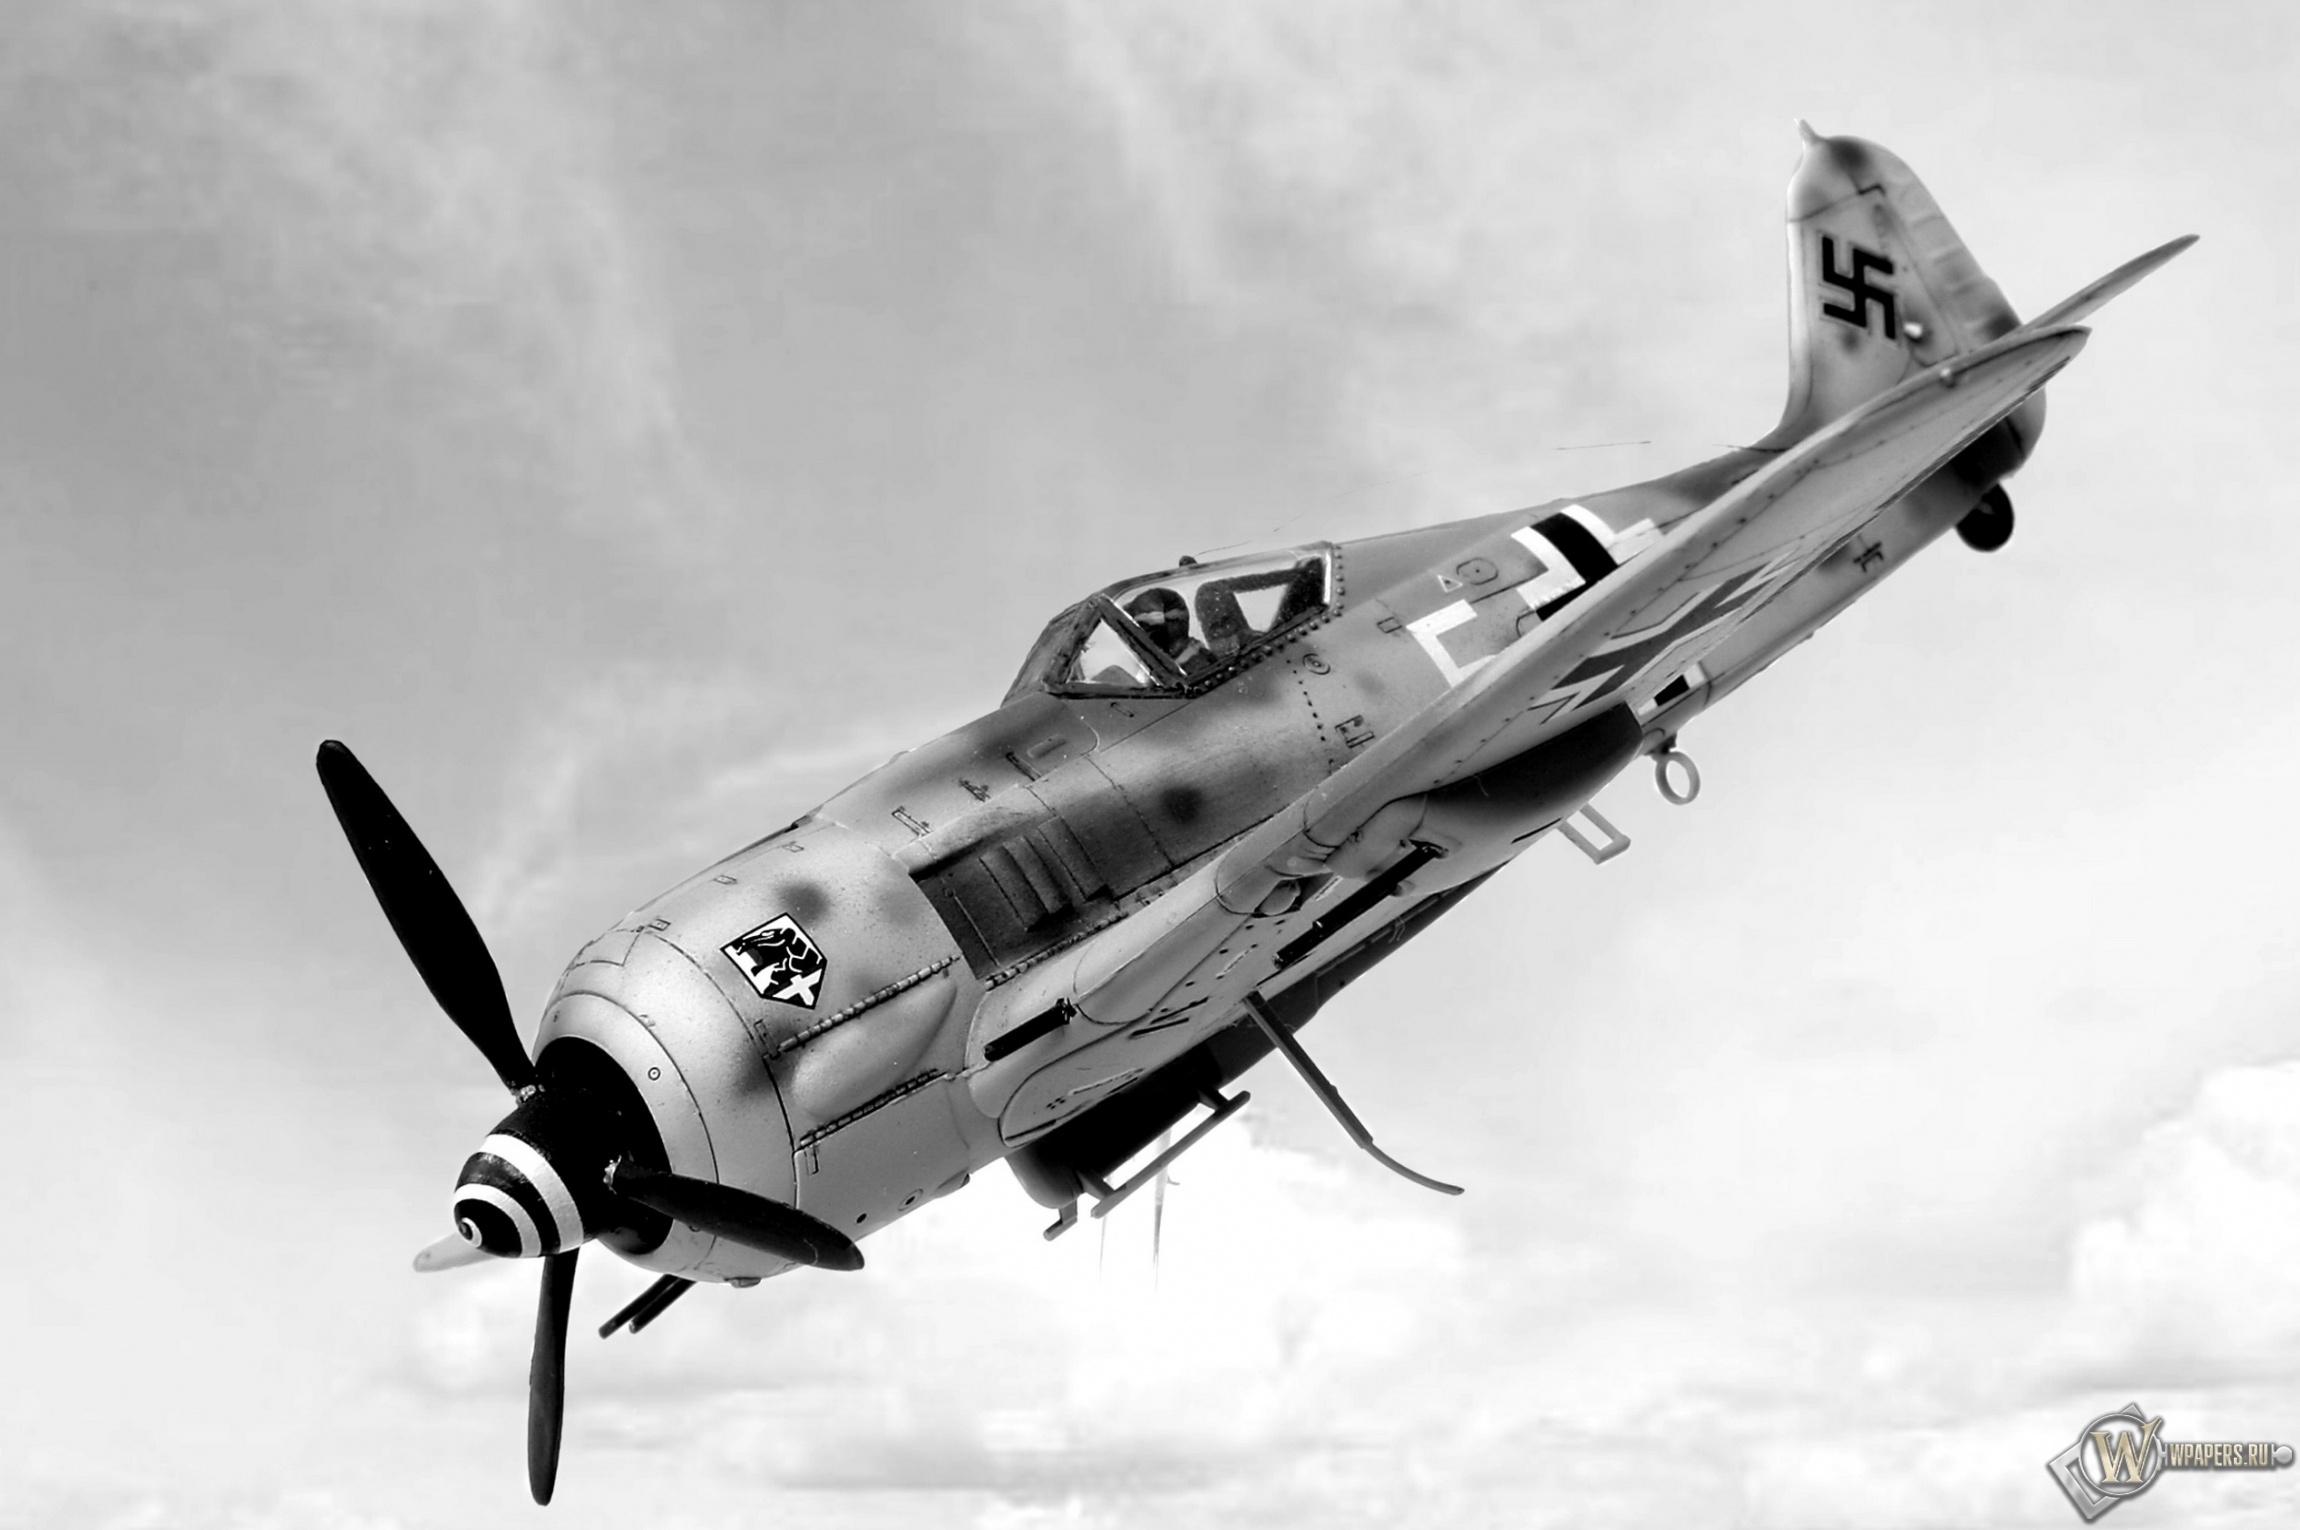 Focke Wulf Fw-190 2300x1530